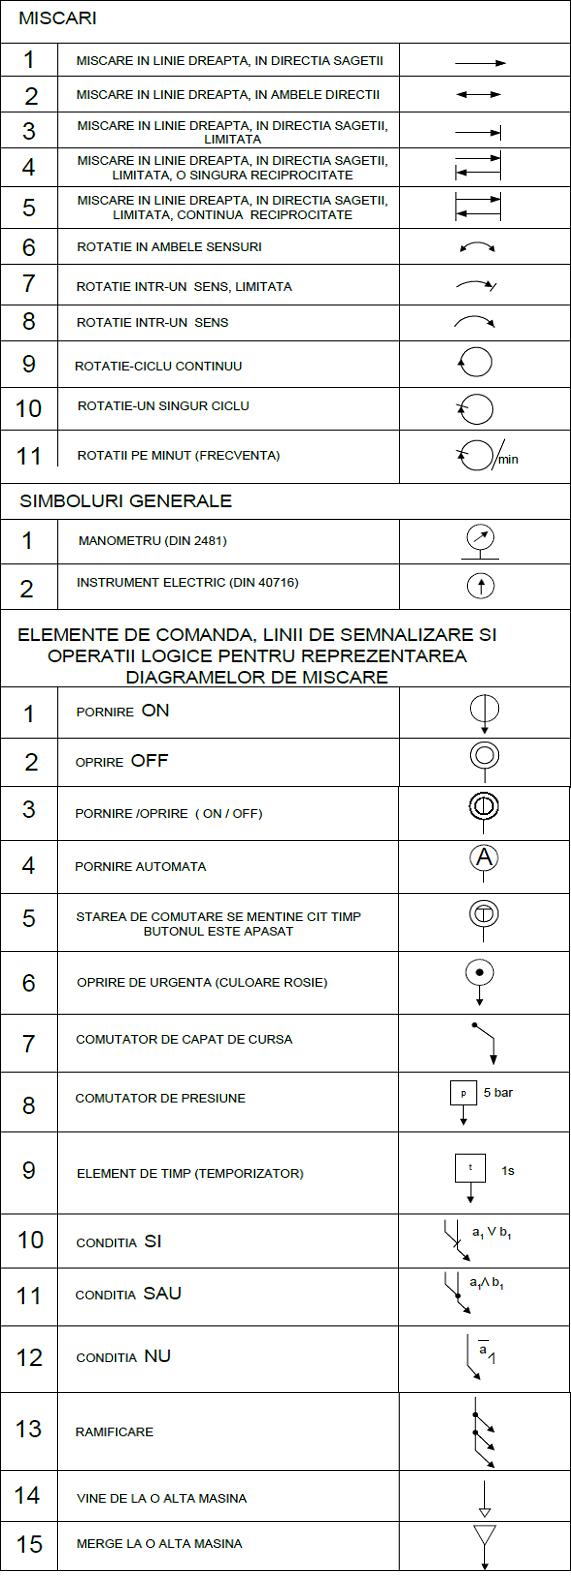 scheme pneumatice 10 miscari si elemente de comanda